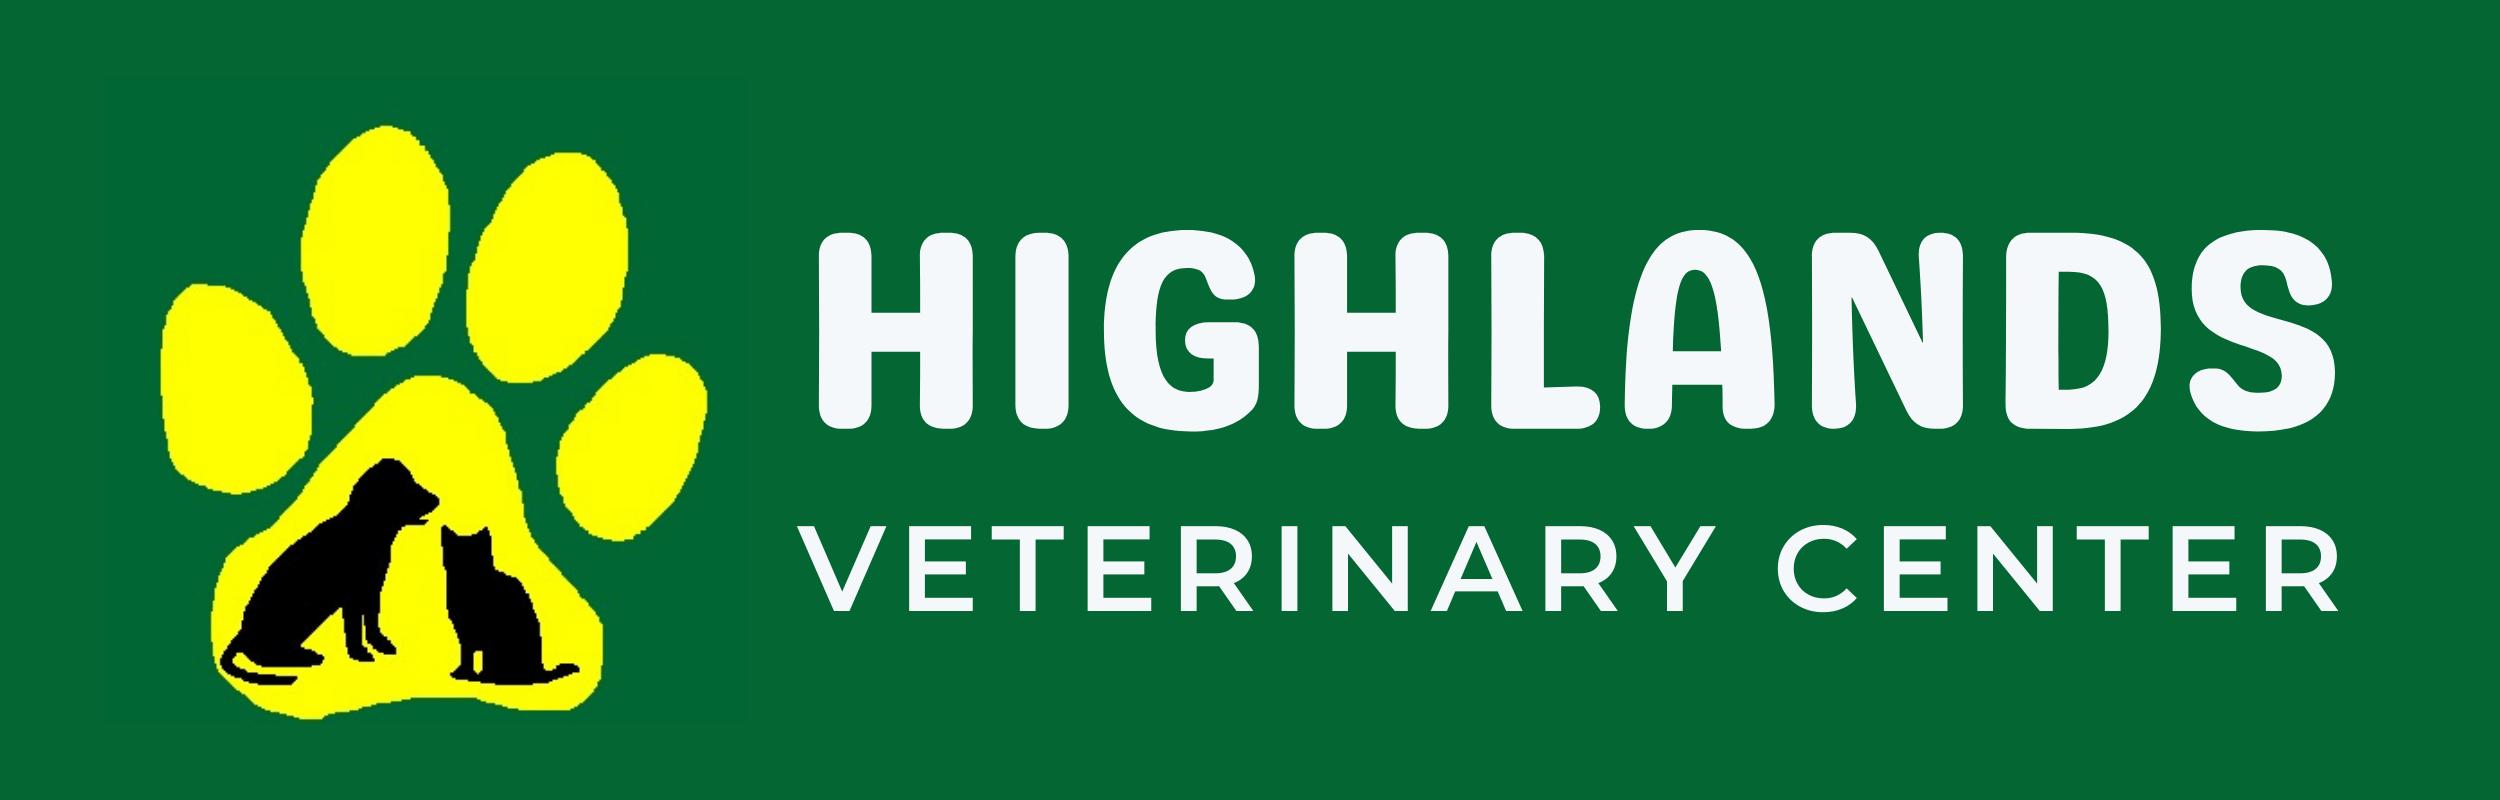 Highlands Veterinary Center